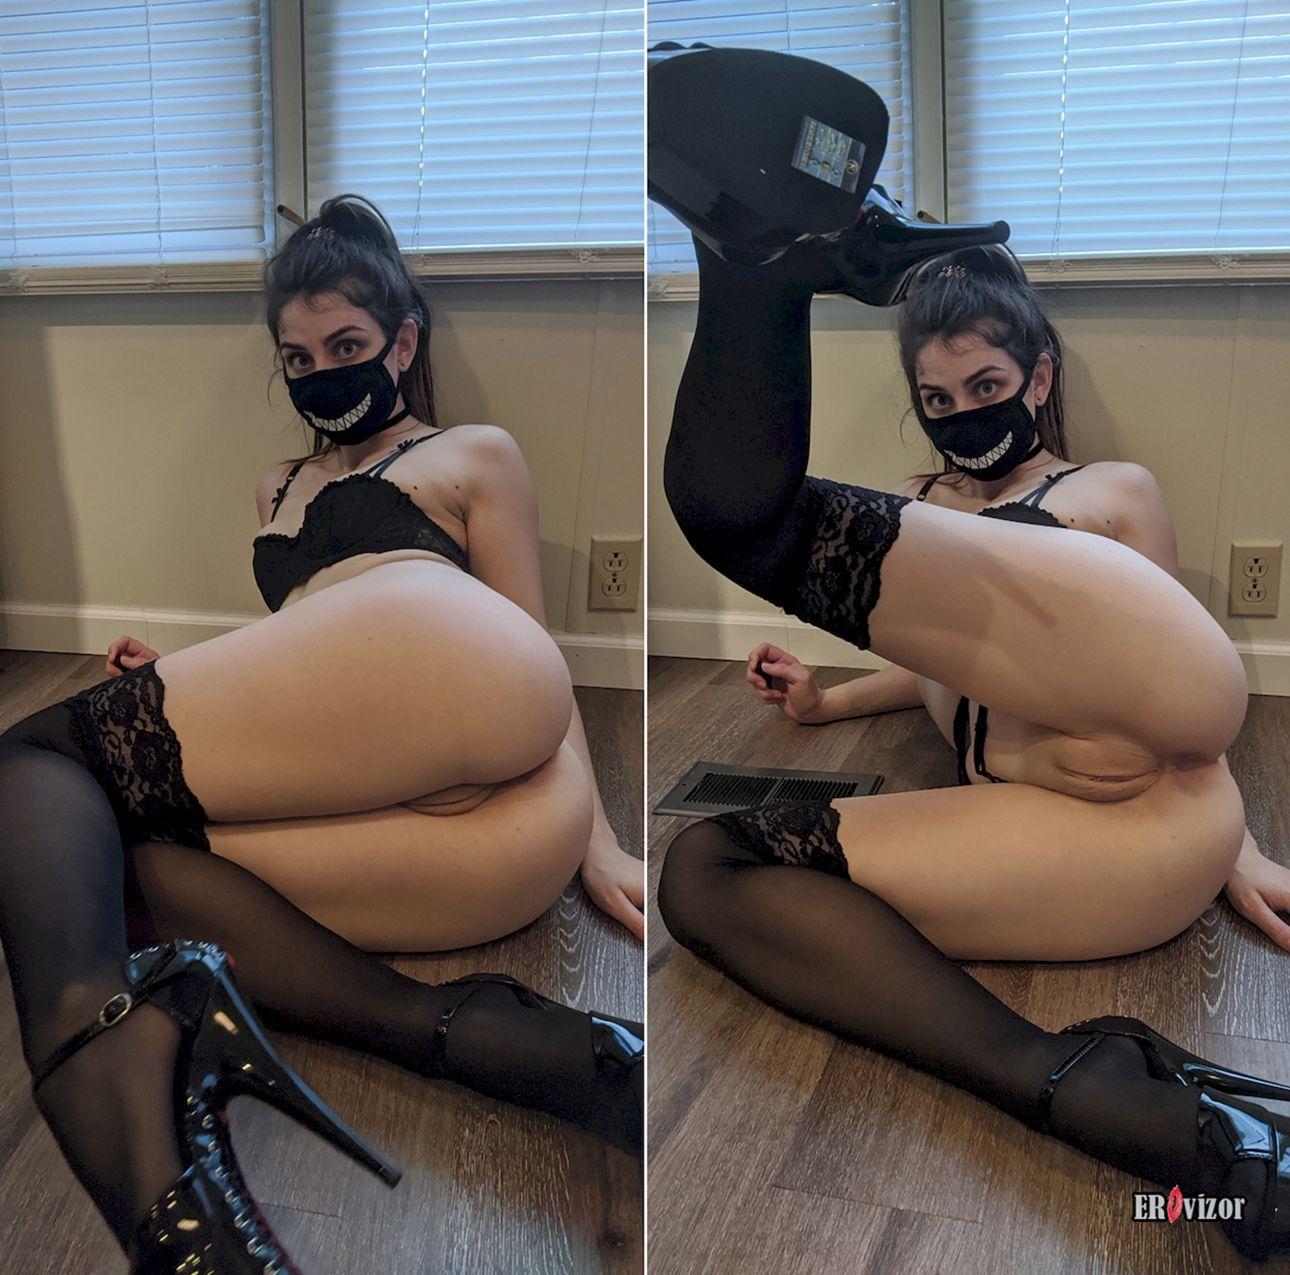 подняла ногу и показала пизду в маске